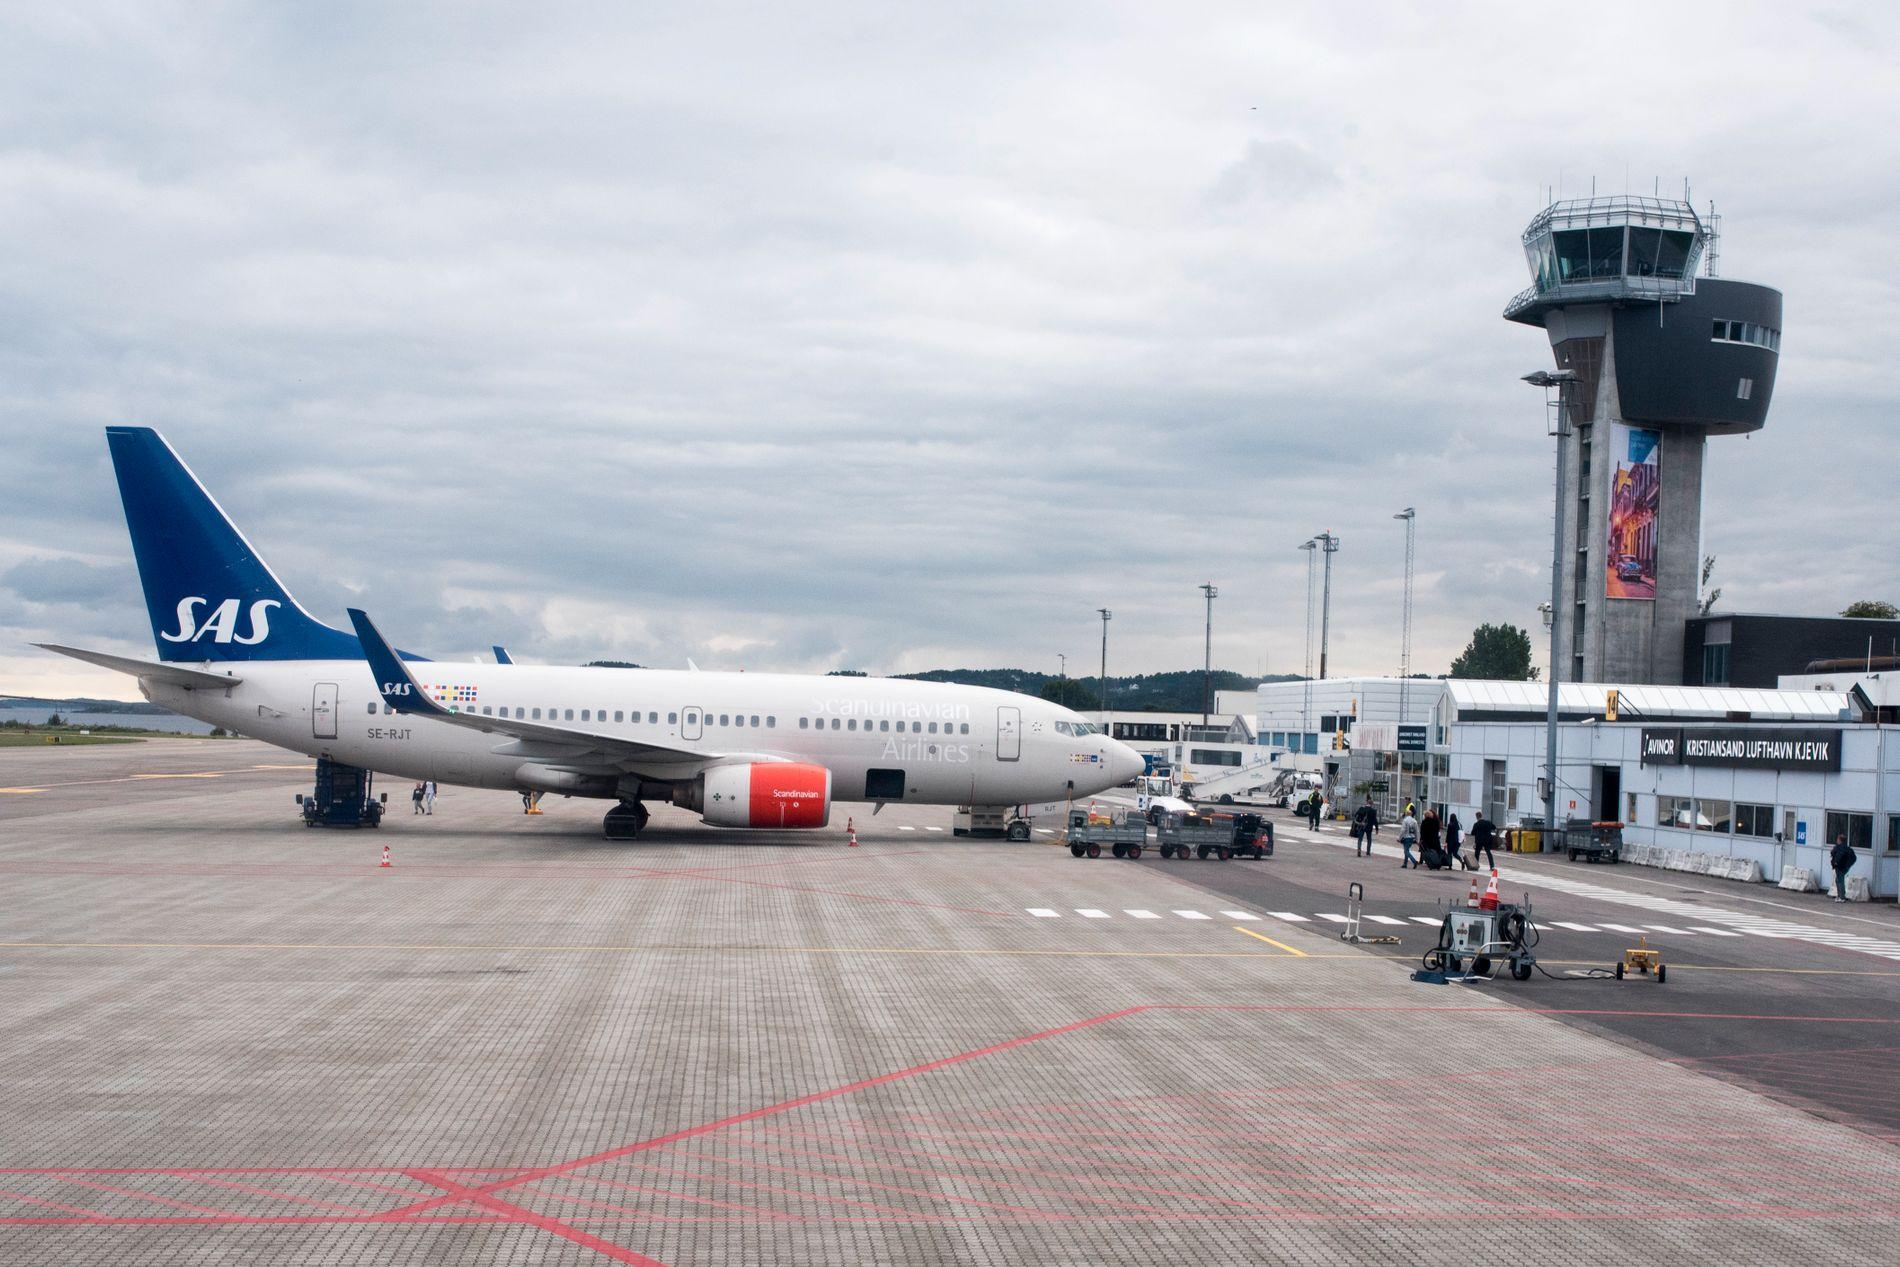 SLUTT FOR AVTALE: Et SAS-fly på Kjevik lufthavn i Kristiansand 4. september i fjor.